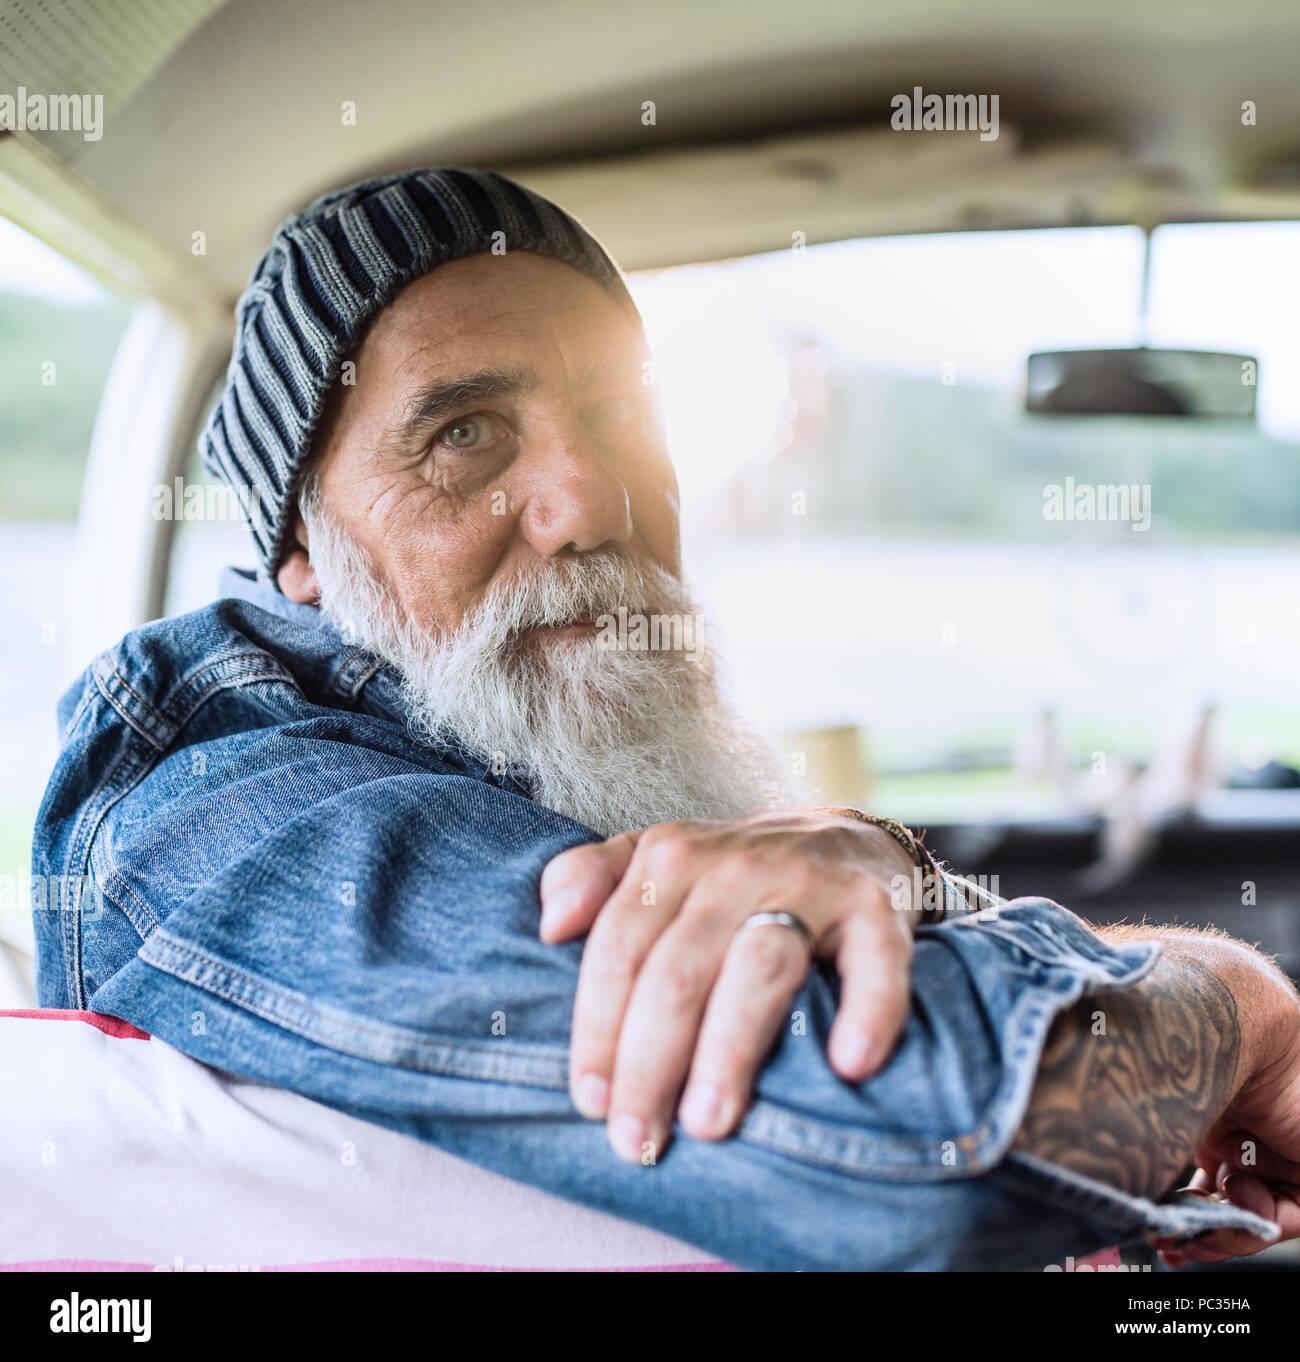 Ritratto di un vecchio hipster seduto in un furgone guardando la fotocamera Immagini Stock